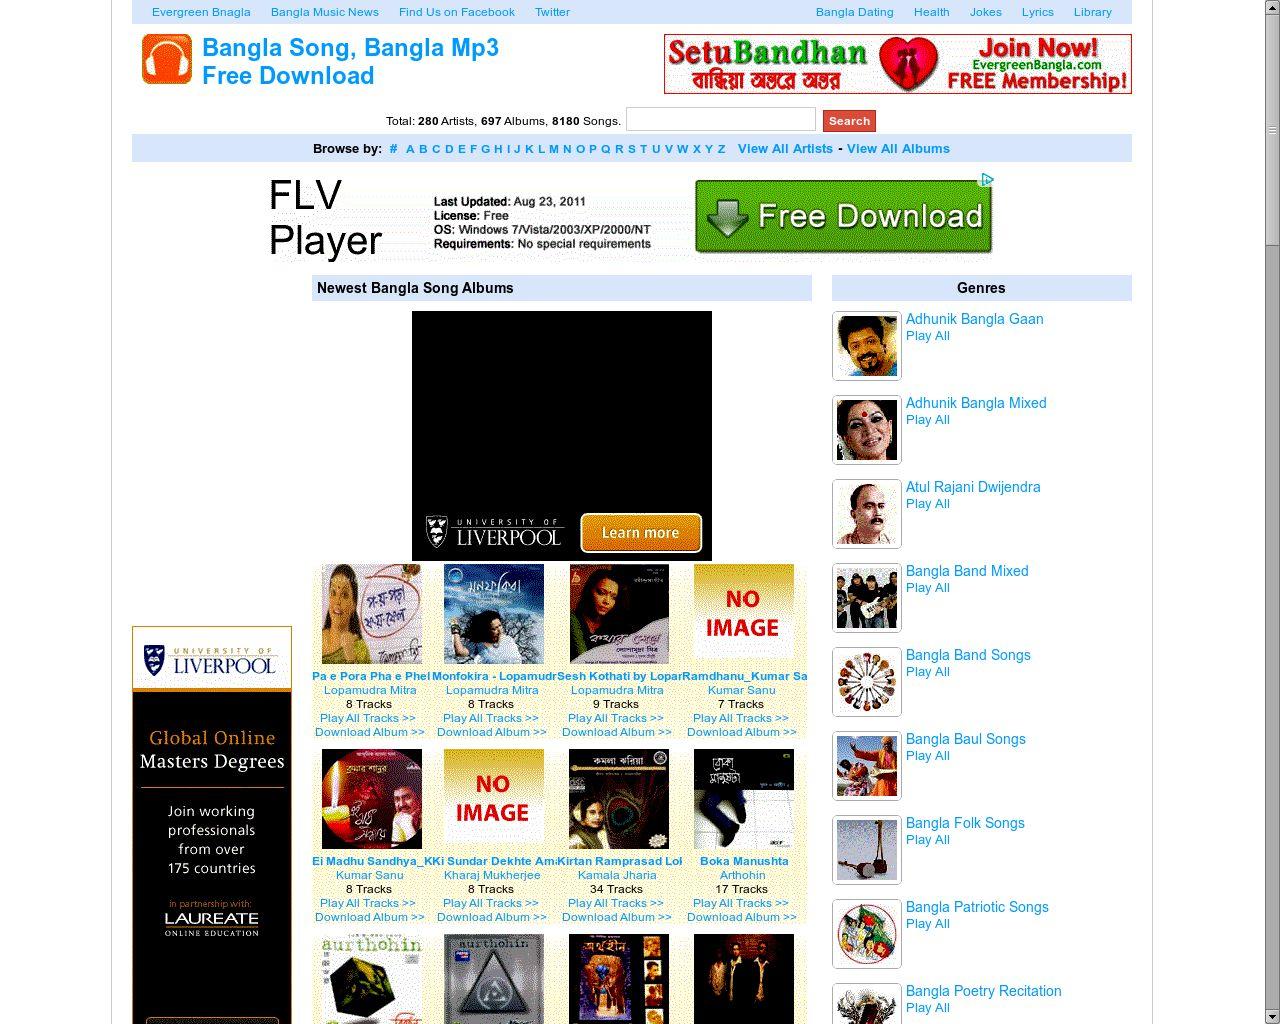 http://1.bp.blogspot.com/-ZlIalHwp2m0/UD5r5Urw5XI/AAAAAAAAAGs/RK5mLy9dPJE/s1600/banglasong-evergreenbangla-com.jpg